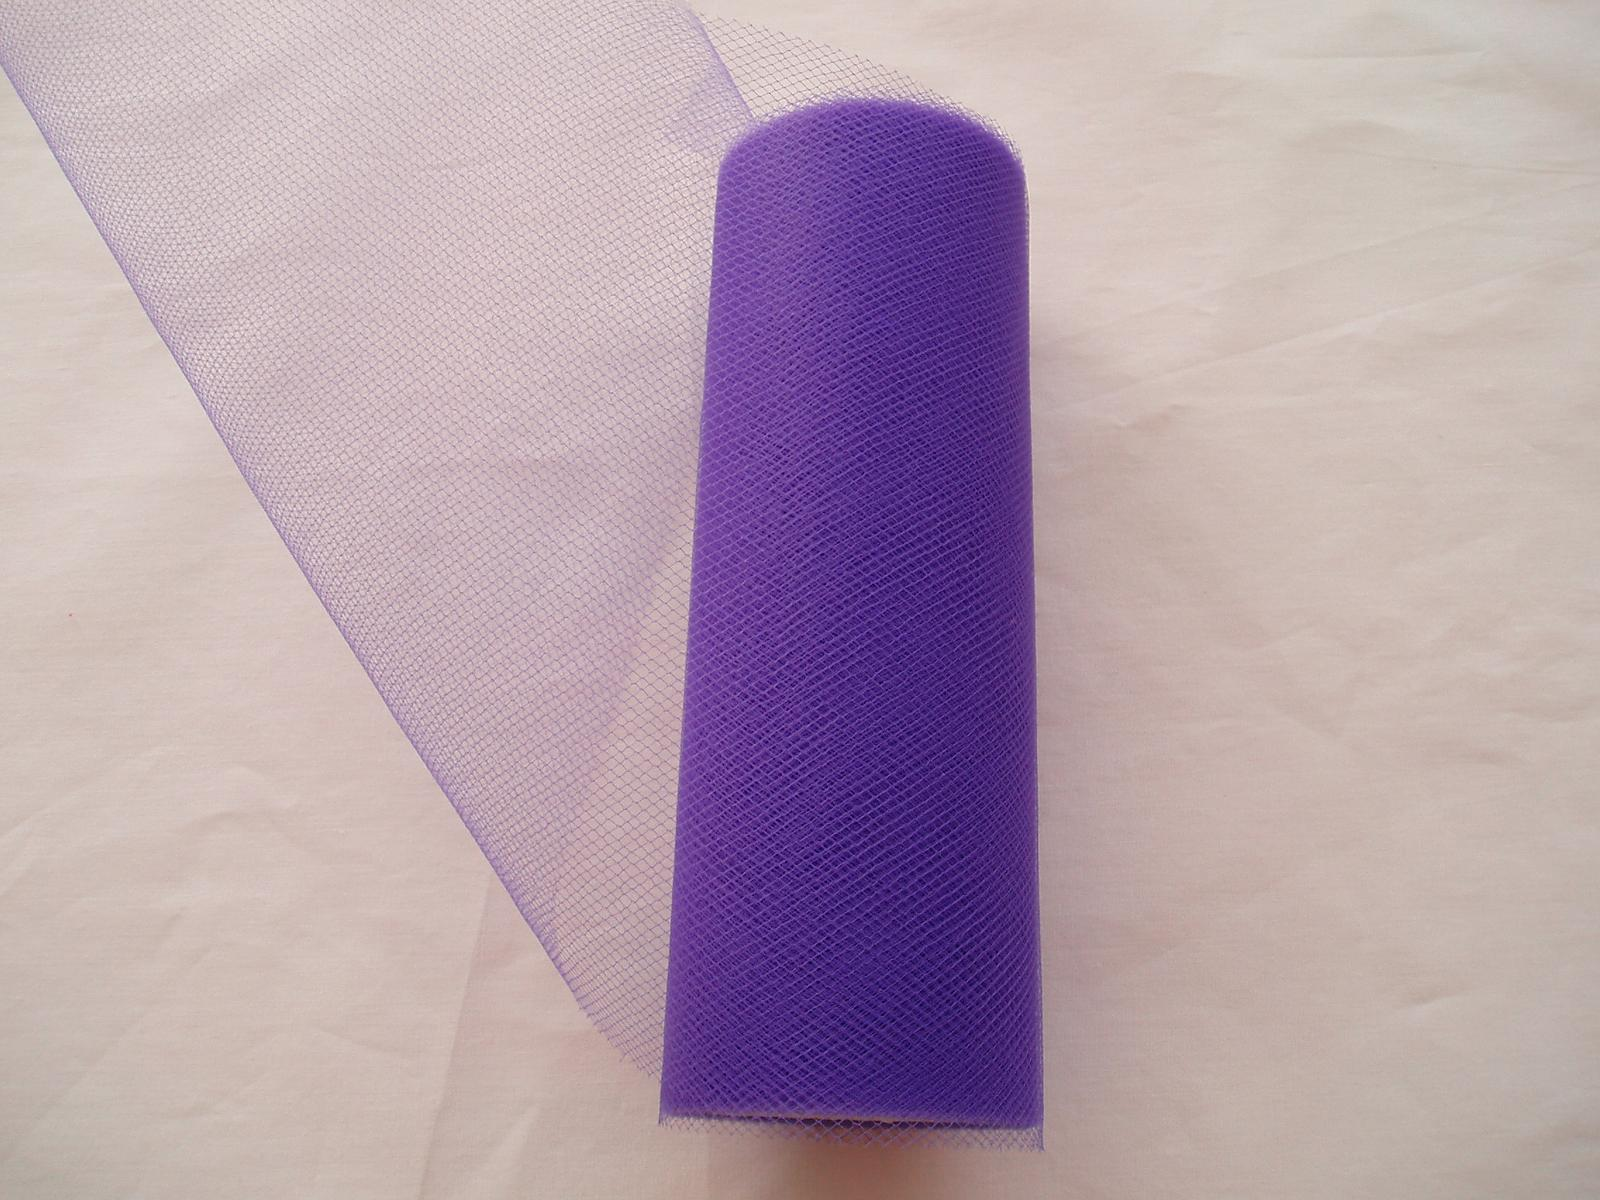 tyl fialový - Obrázek č. 1